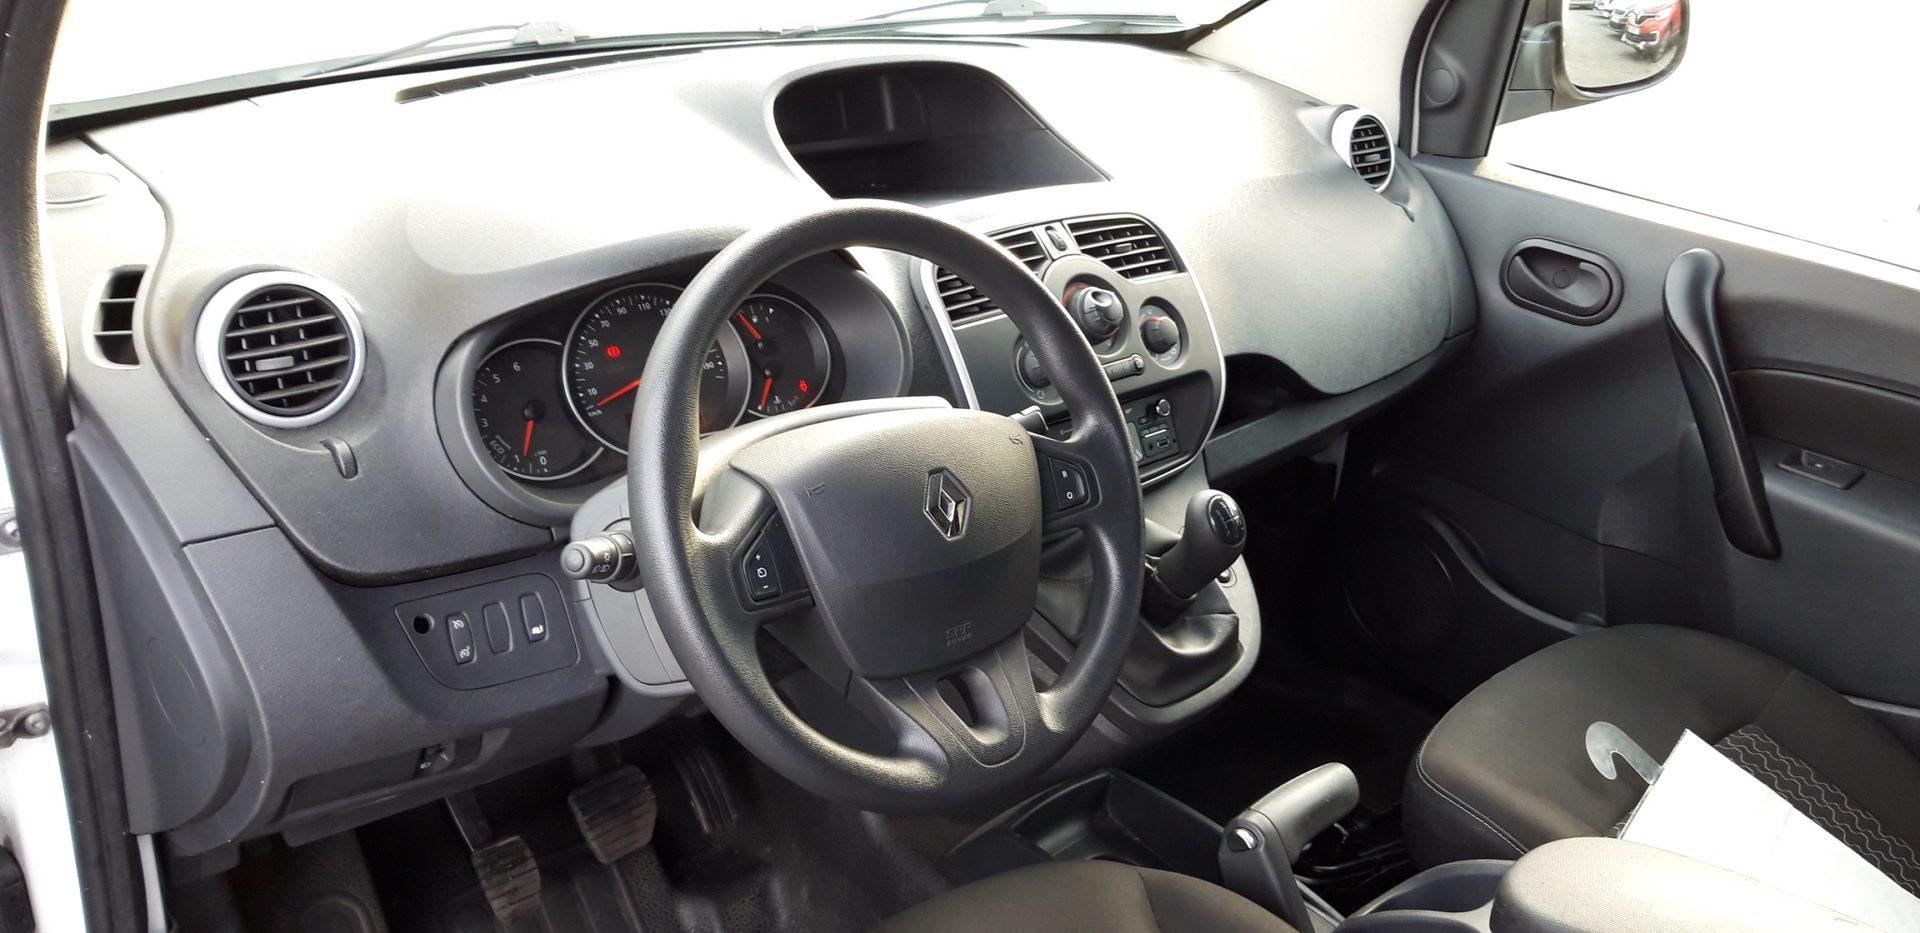 Garage Jallier Tharreau Garage Automobile Cholet Location Vehicule 9 Places 20200111 154423 1504